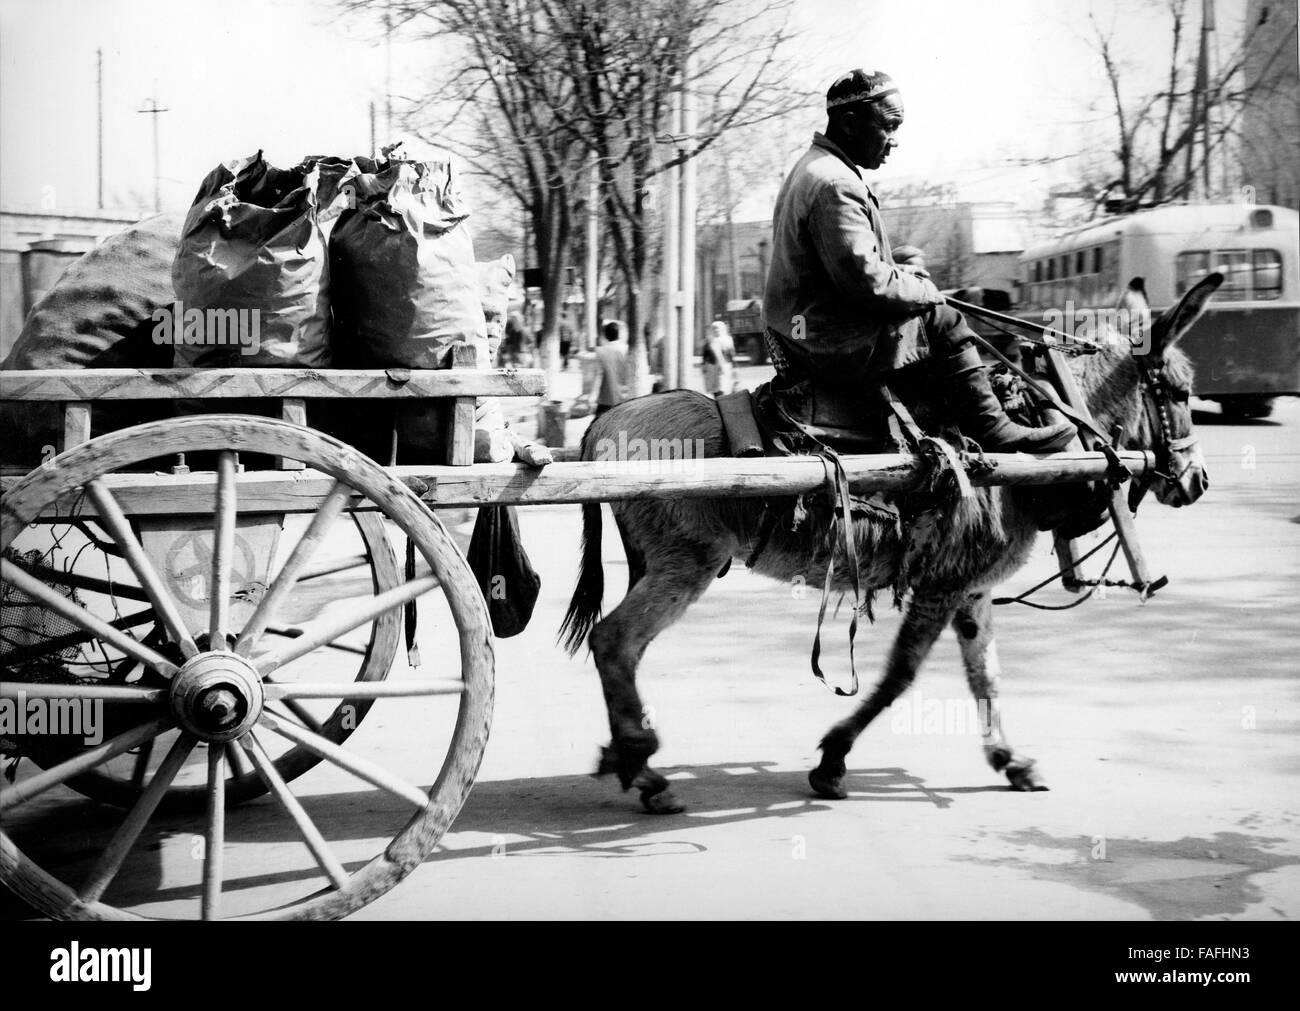 Ein Mann Auf seit Eselskarren in Samarkand in Usbekistan Bezirkshandstempel 1970er Jahre. Ein Mann auf seinen Eselskarren Stockbild